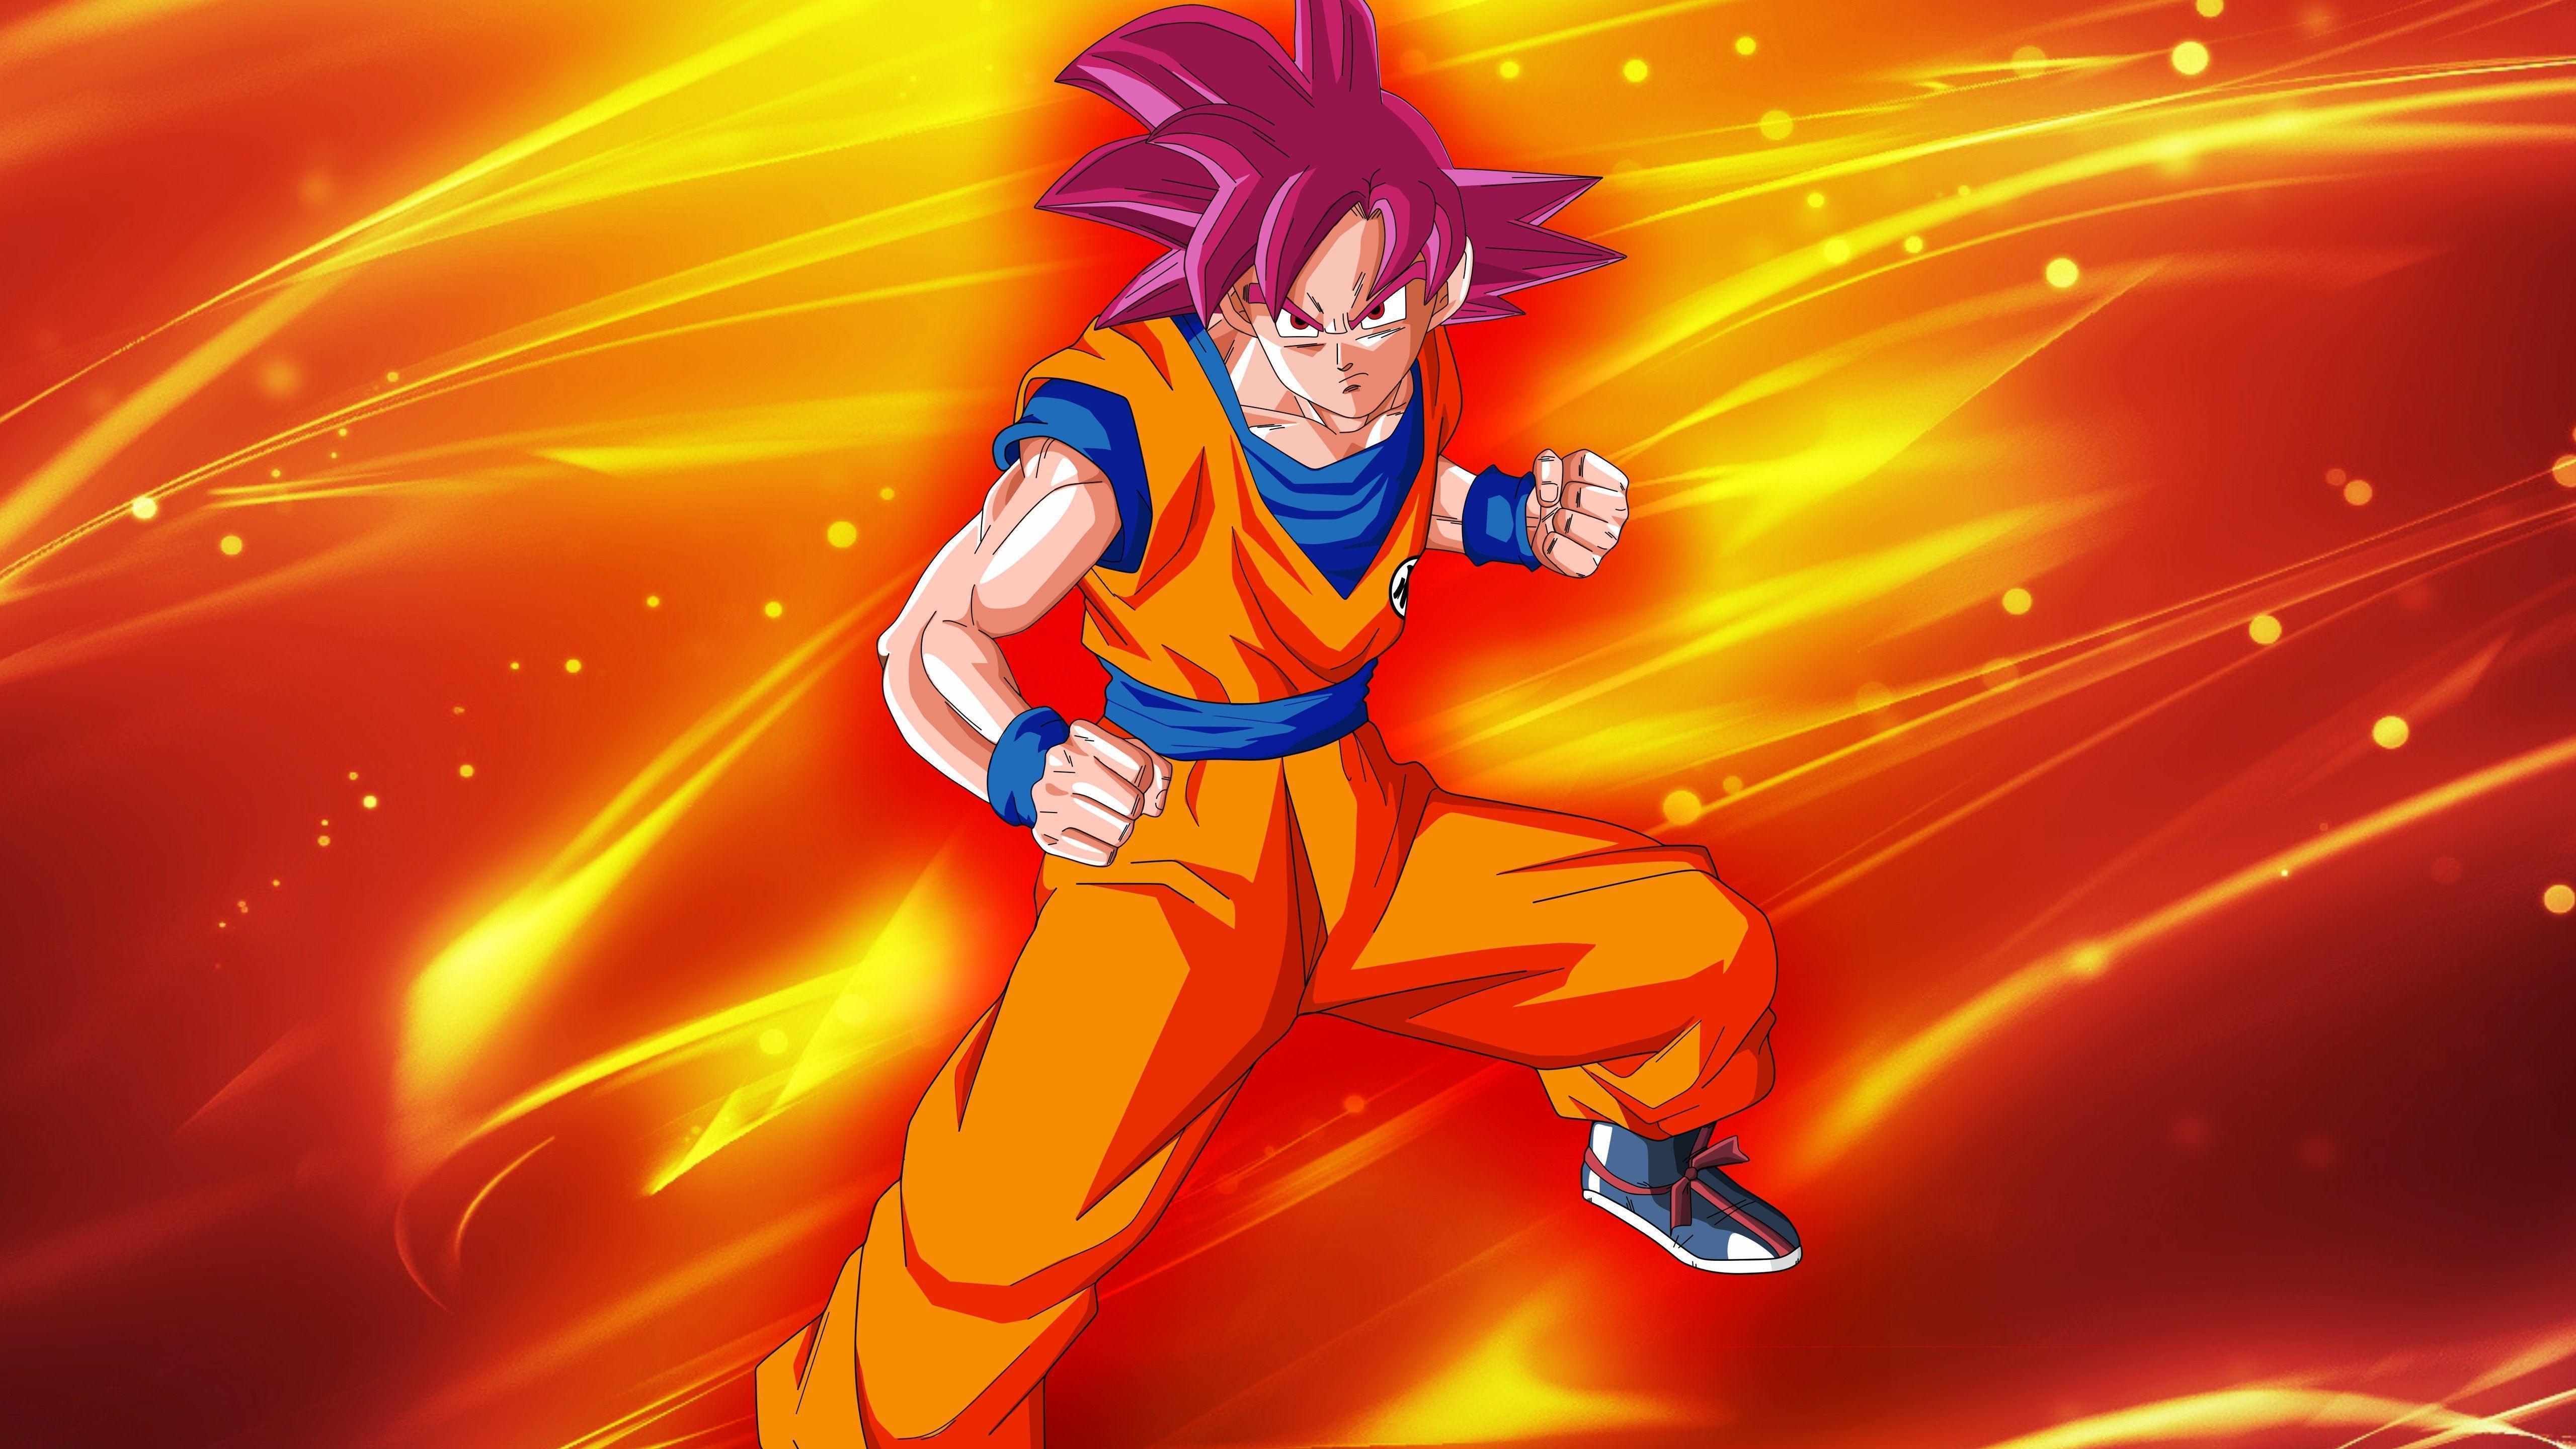 Goku Ssj God Wallpapers Top Free Goku Ssj God Backgrounds